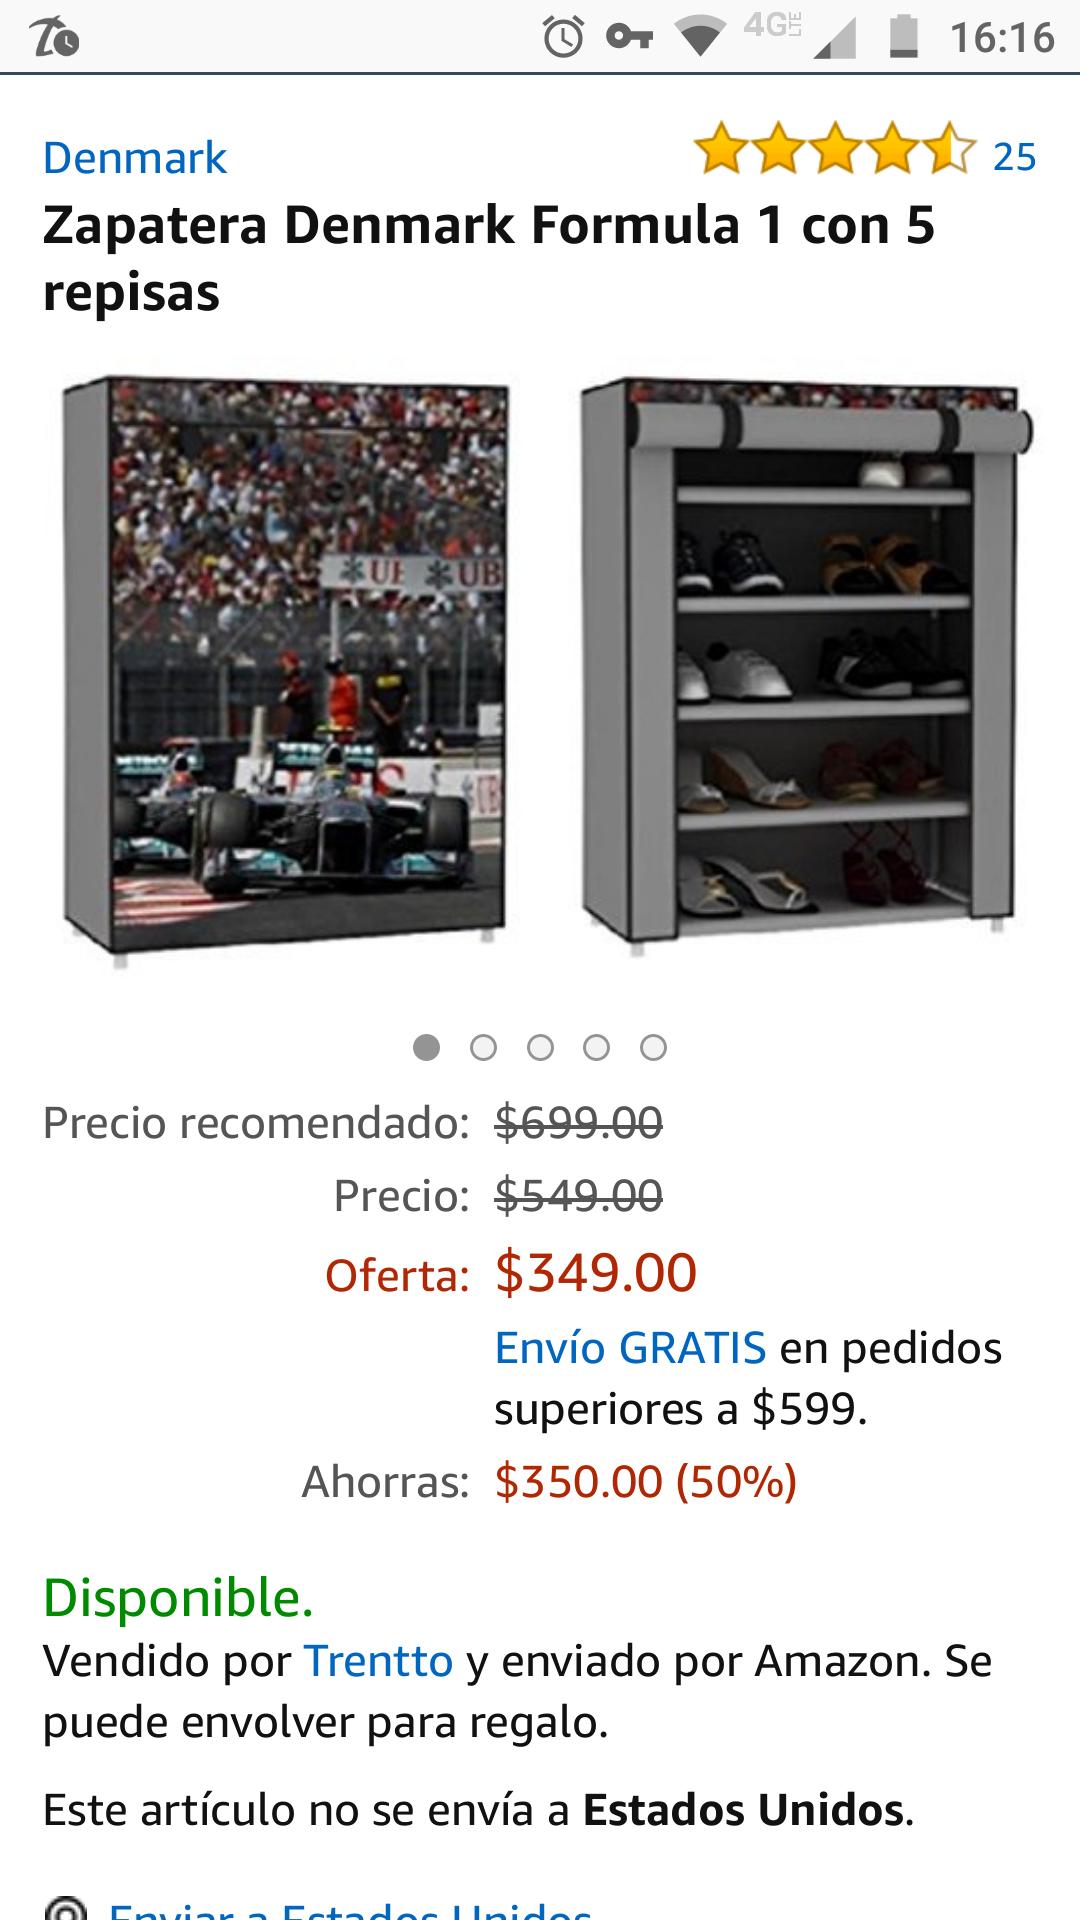 Amazon: Zapatera con 5 repisas